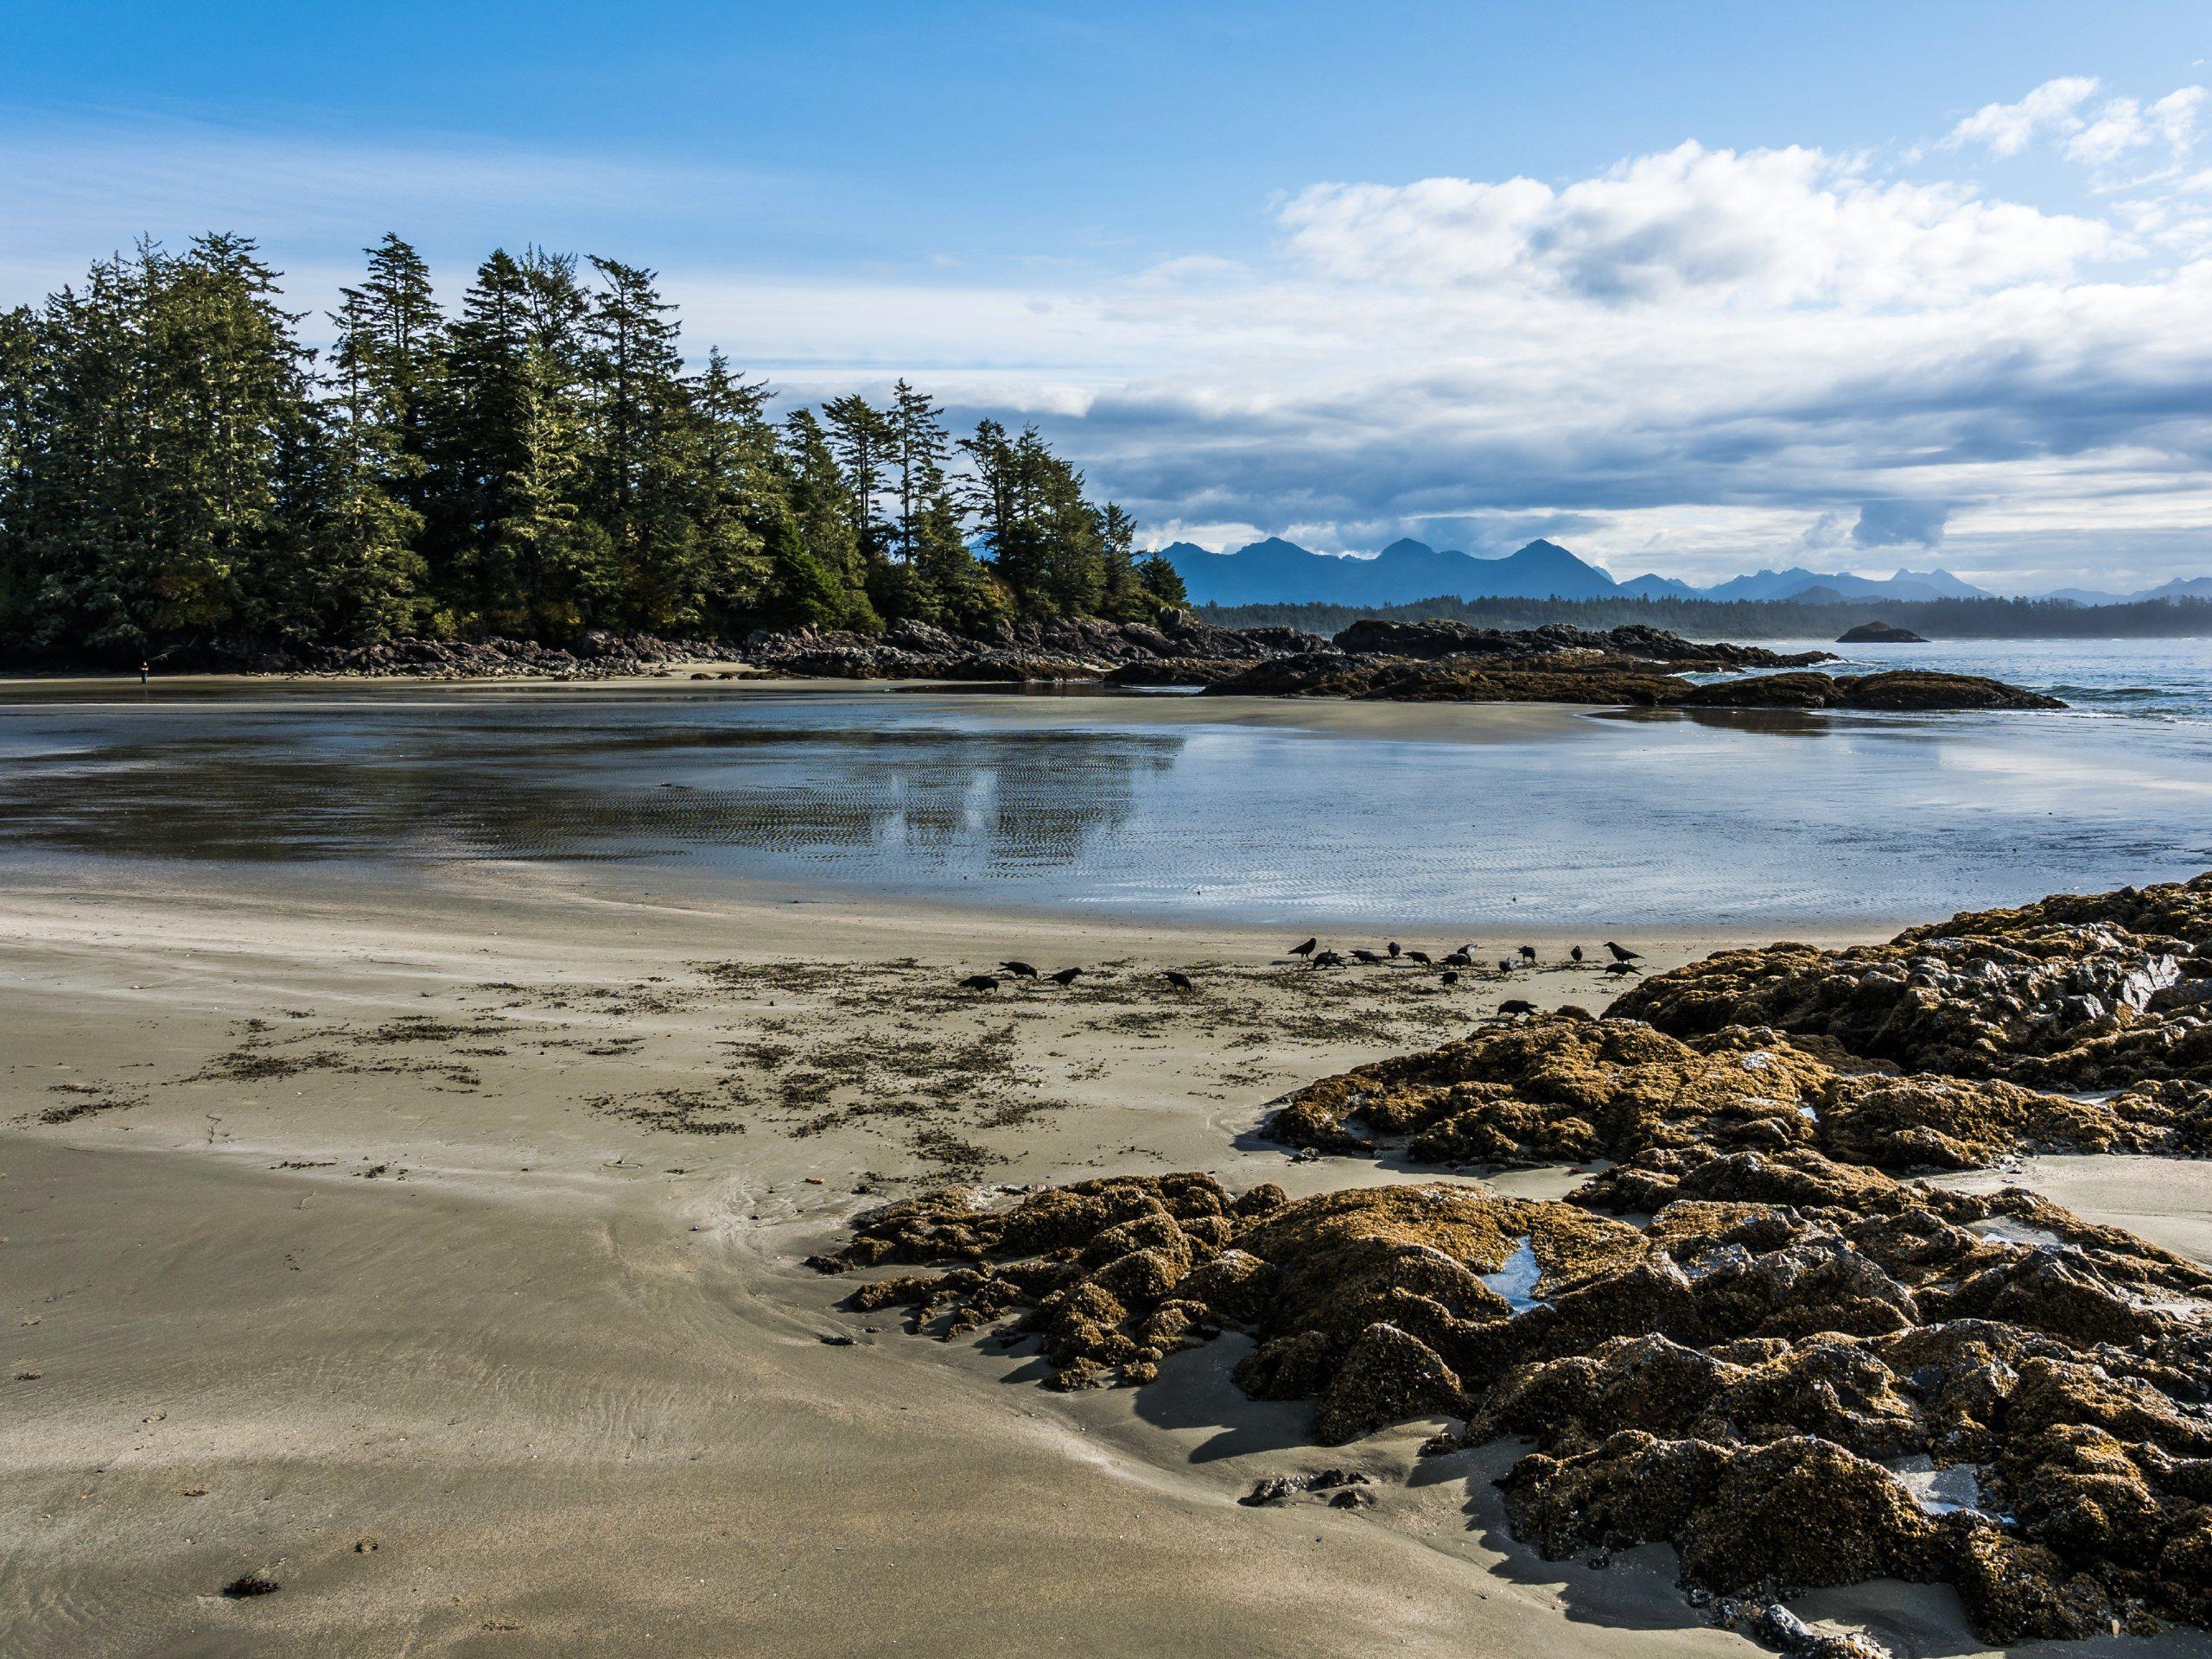 Beach at Tofino (BC)